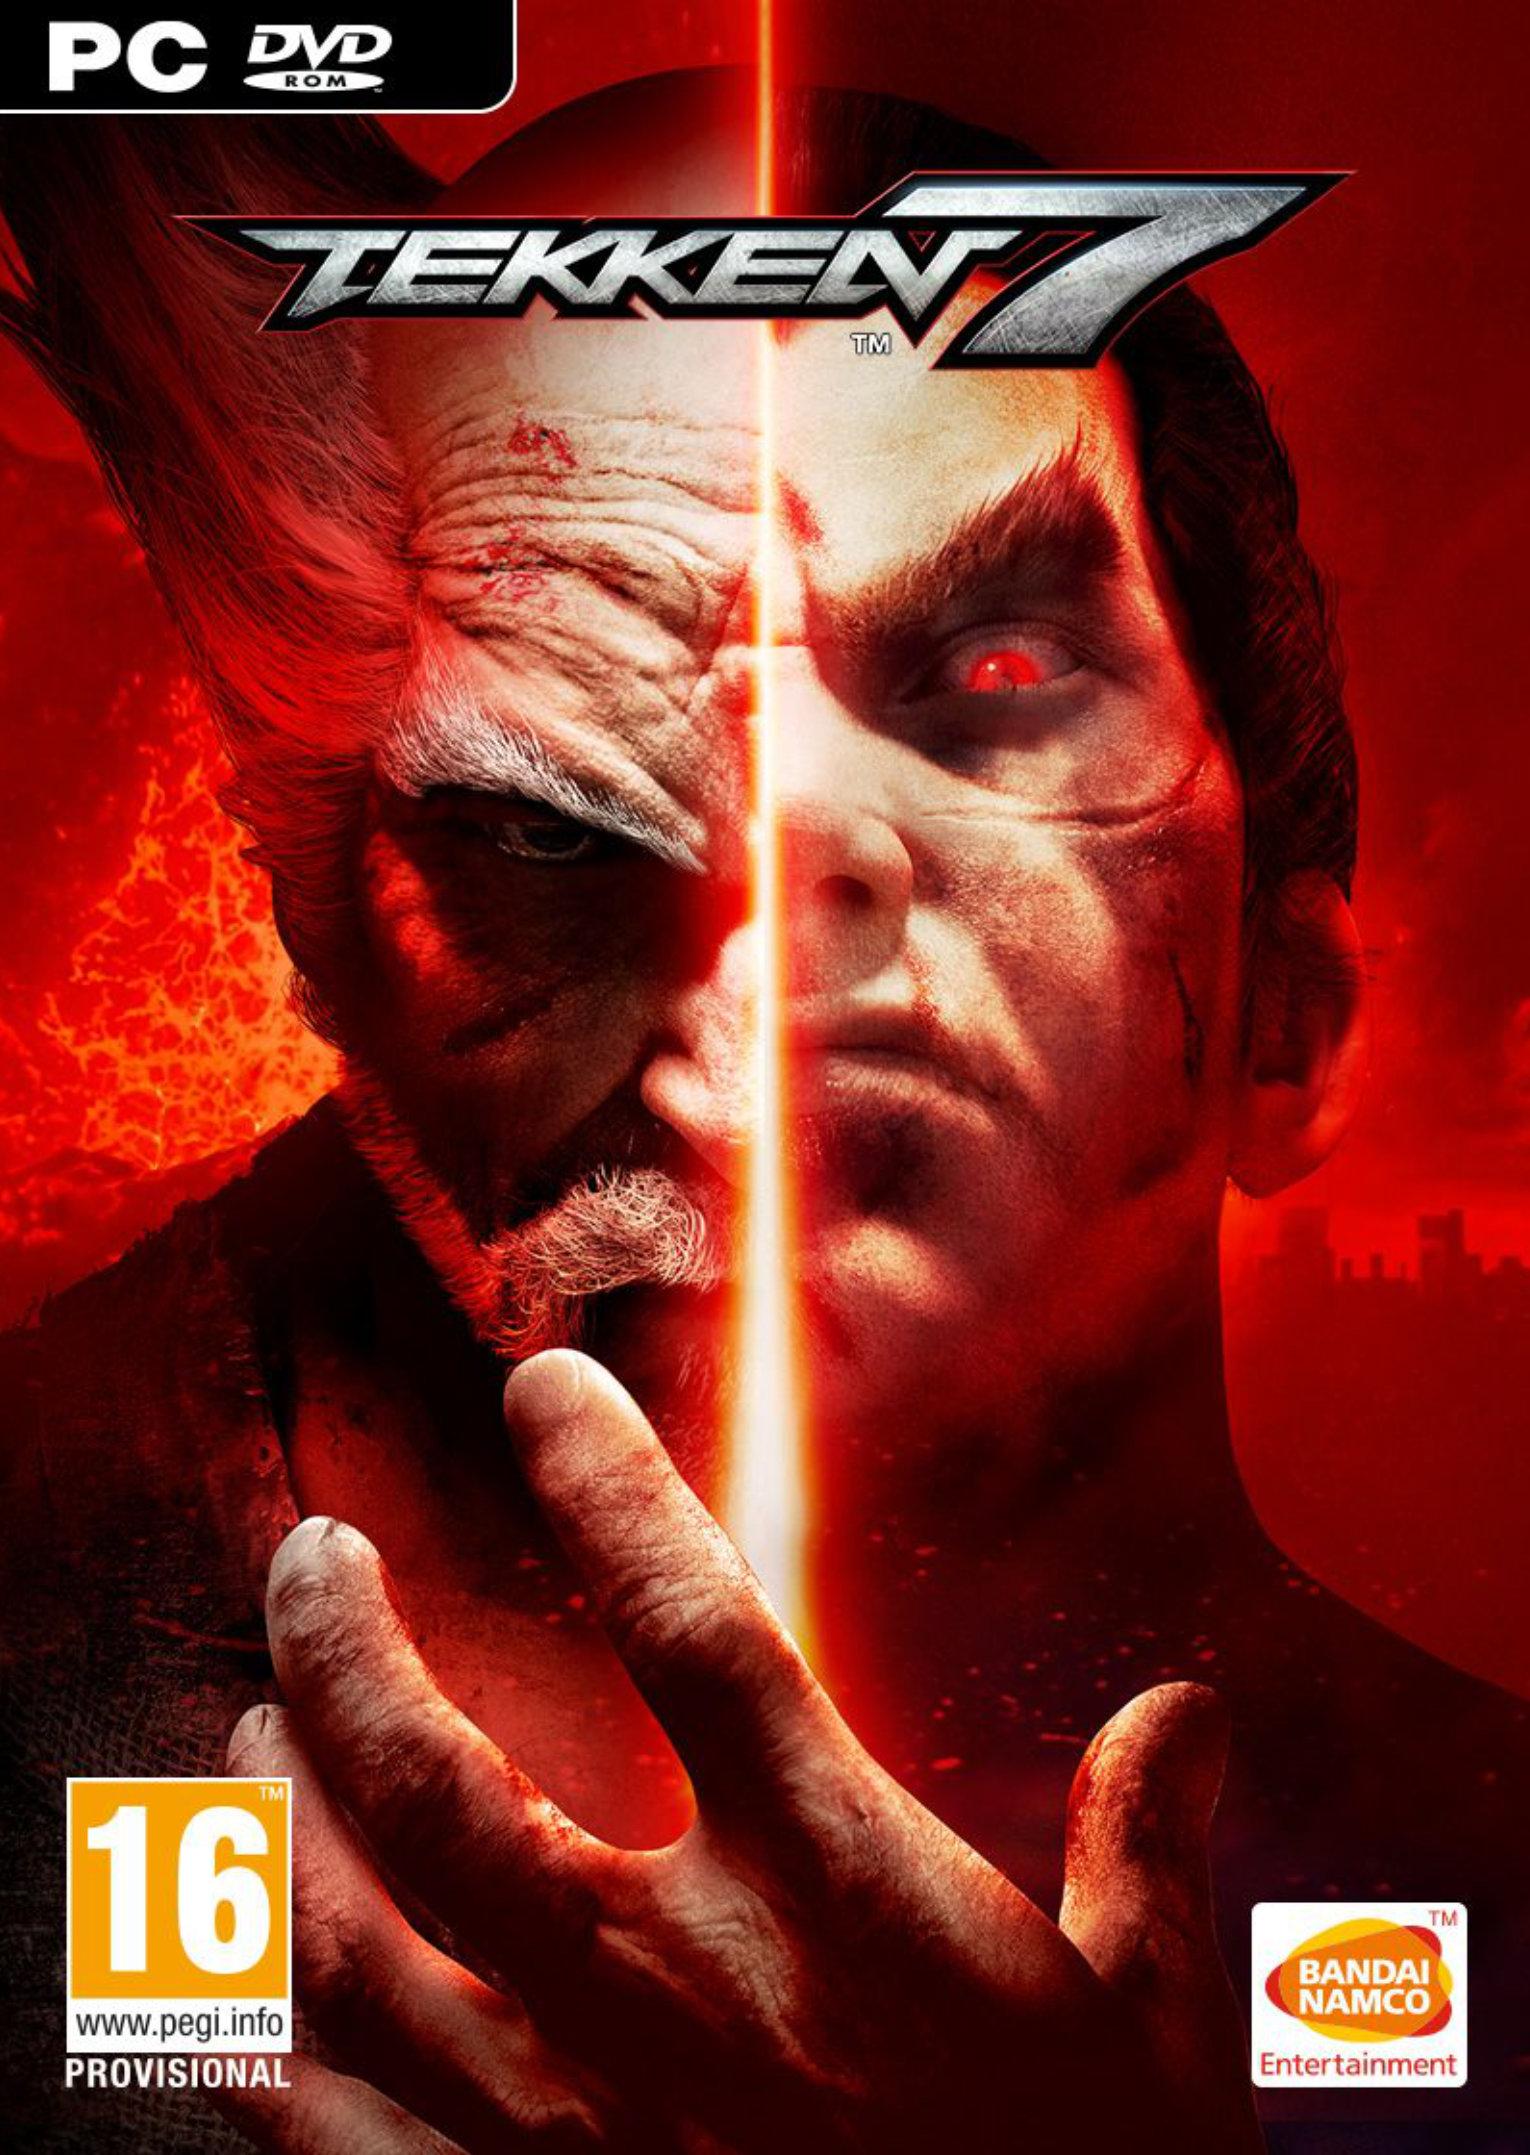 Tekken 7 (PC) DVD - Wirtus.pl